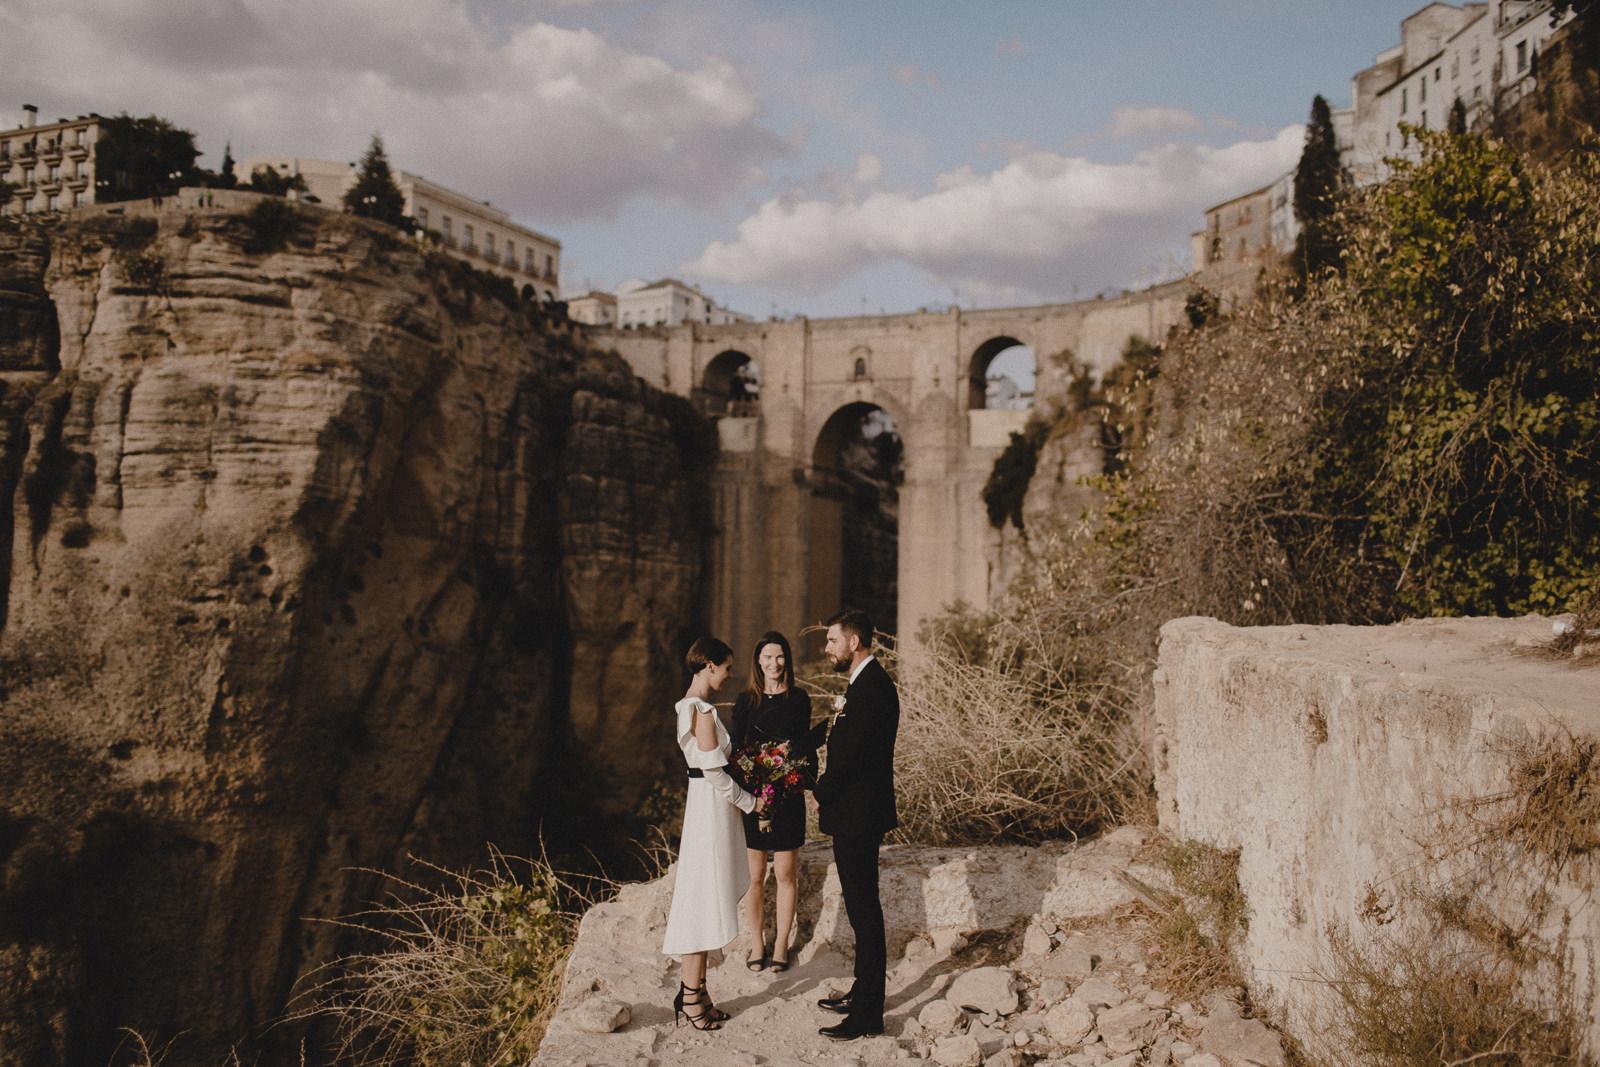 Elopement in Spain